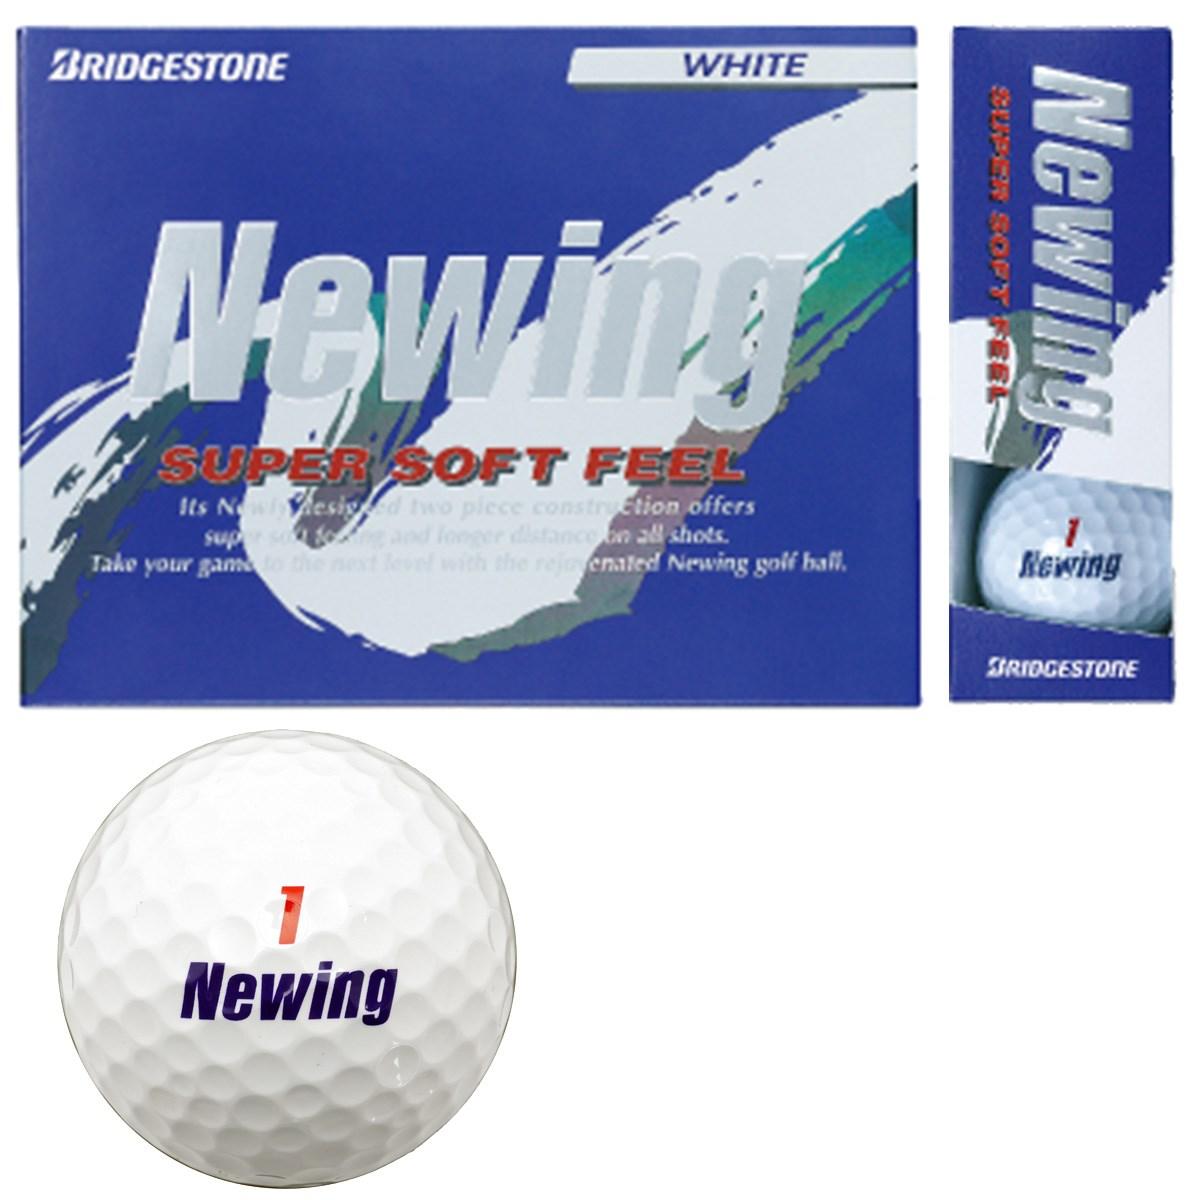 ブリヂストン(BRIDGESTONE GOLF) ニューイング SUPER SOFT FEEL ボール